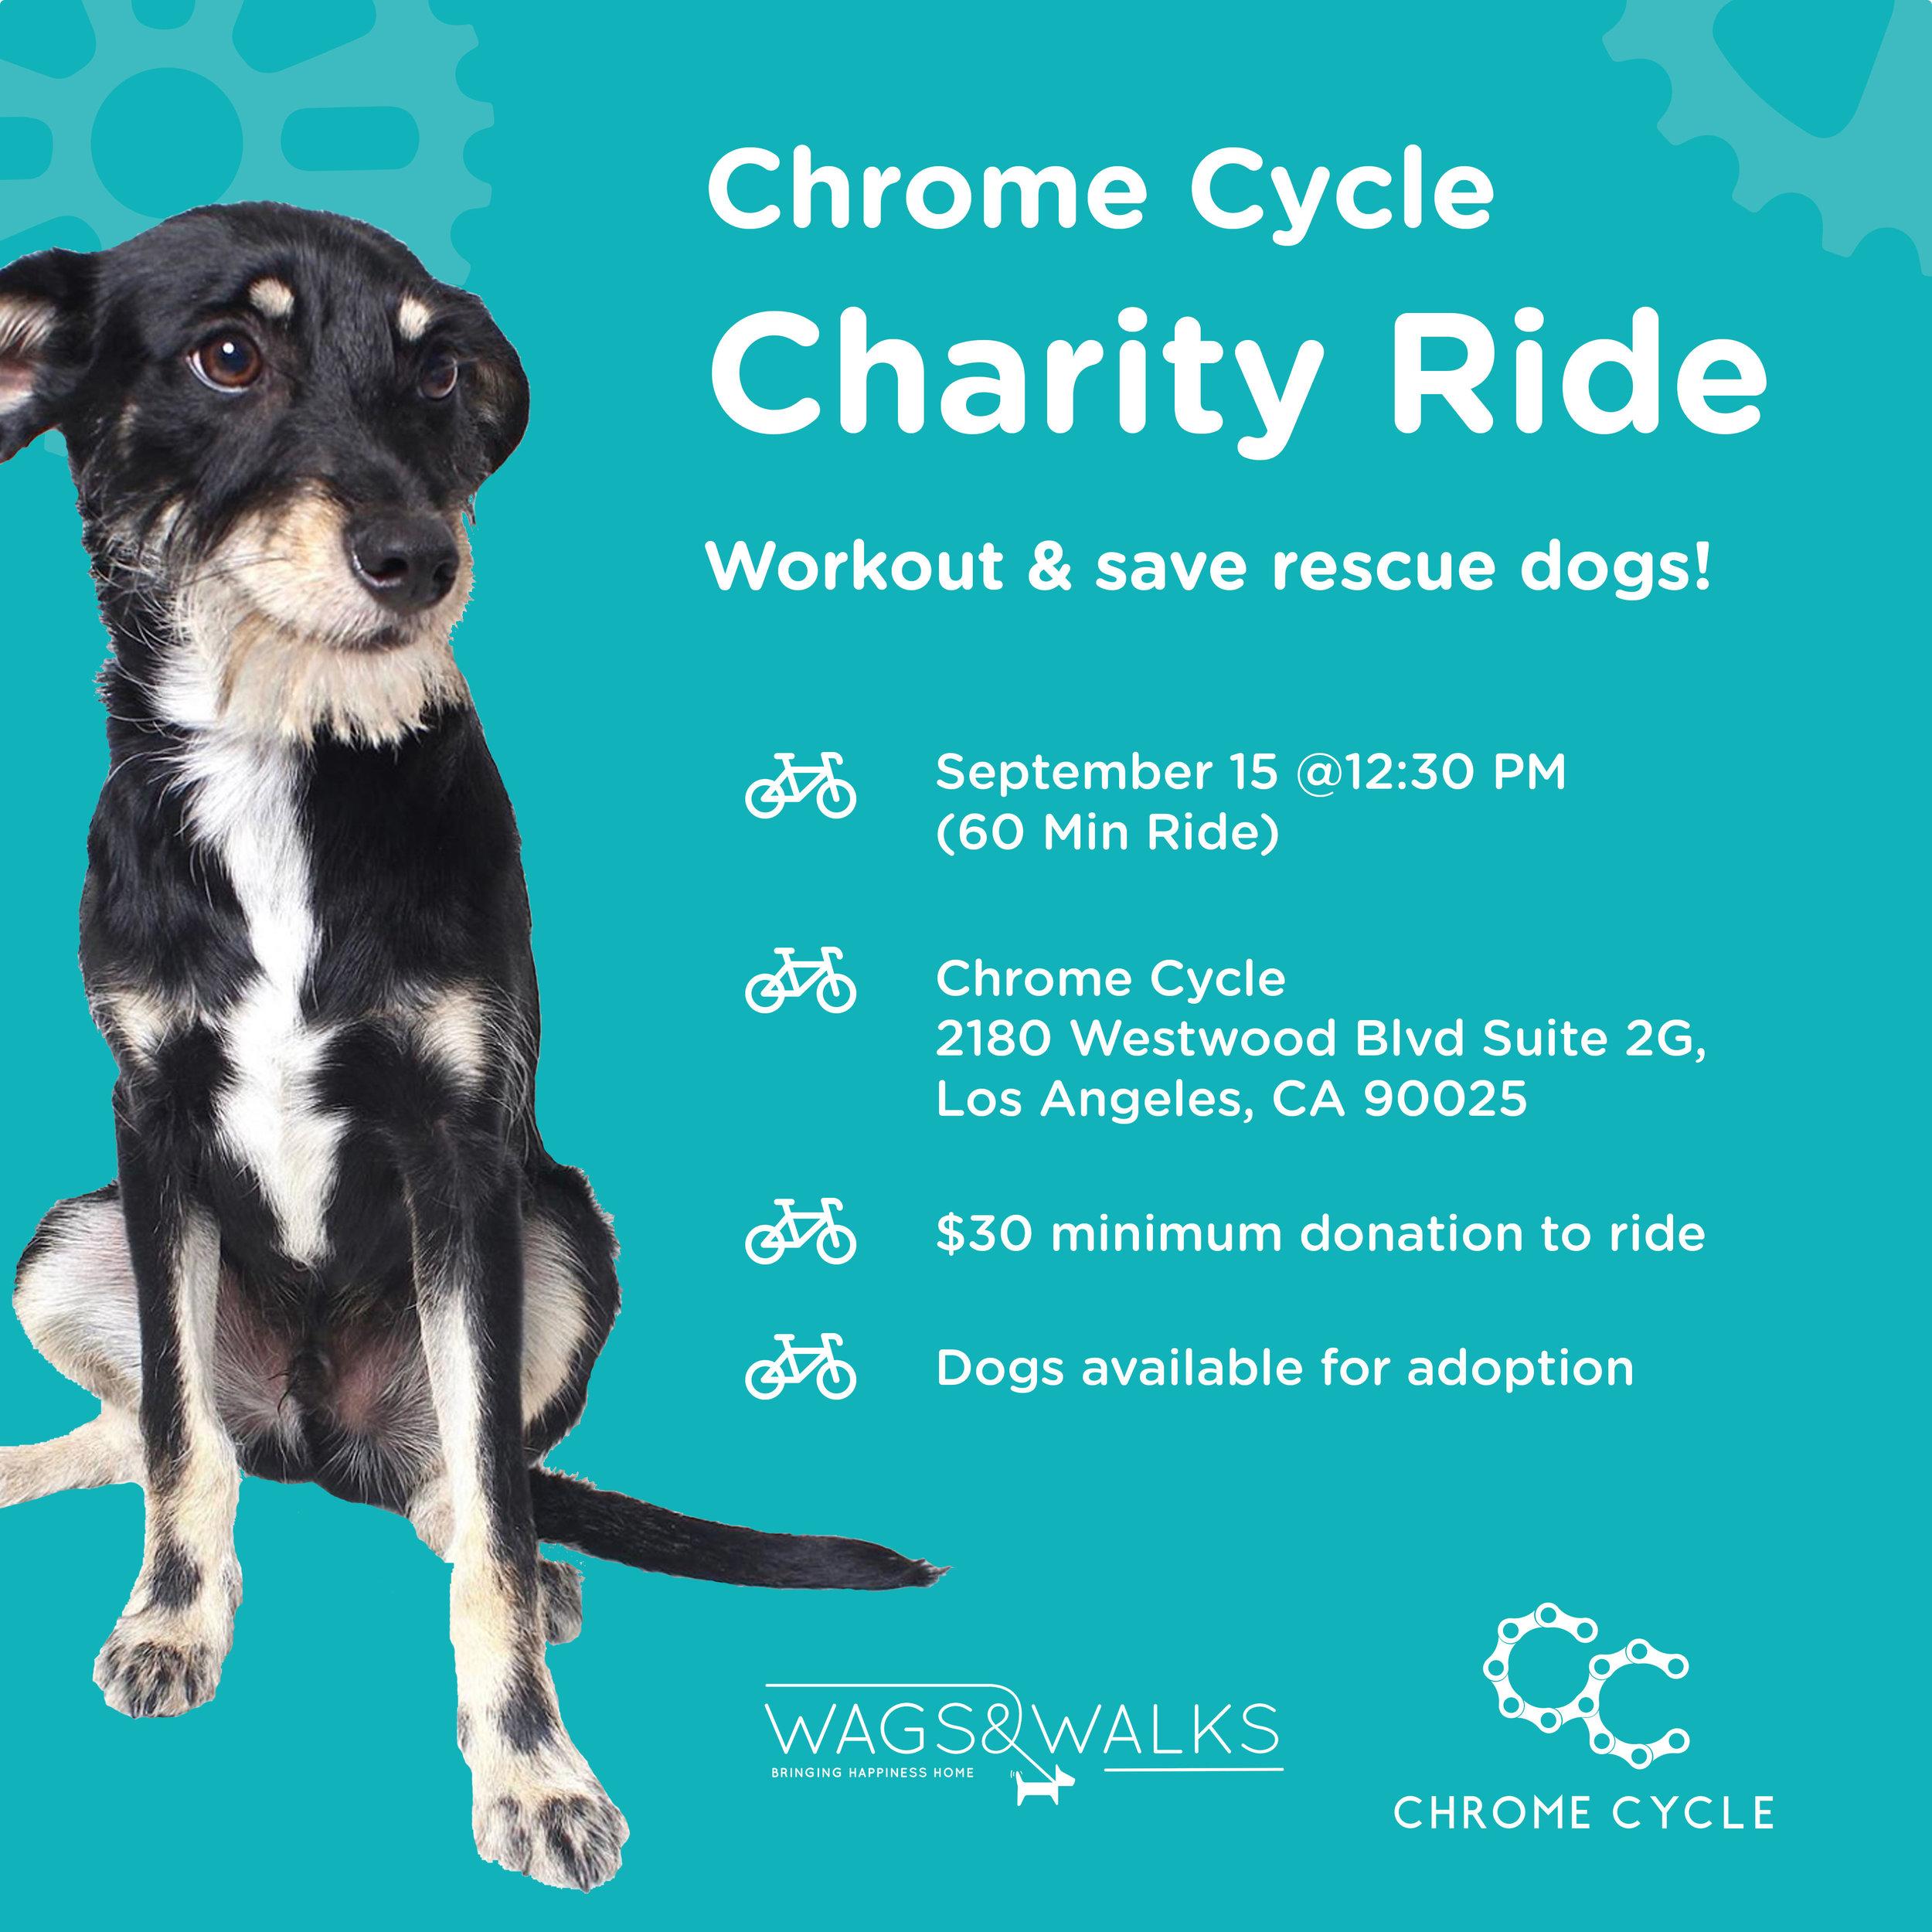 chromecycle.jpg